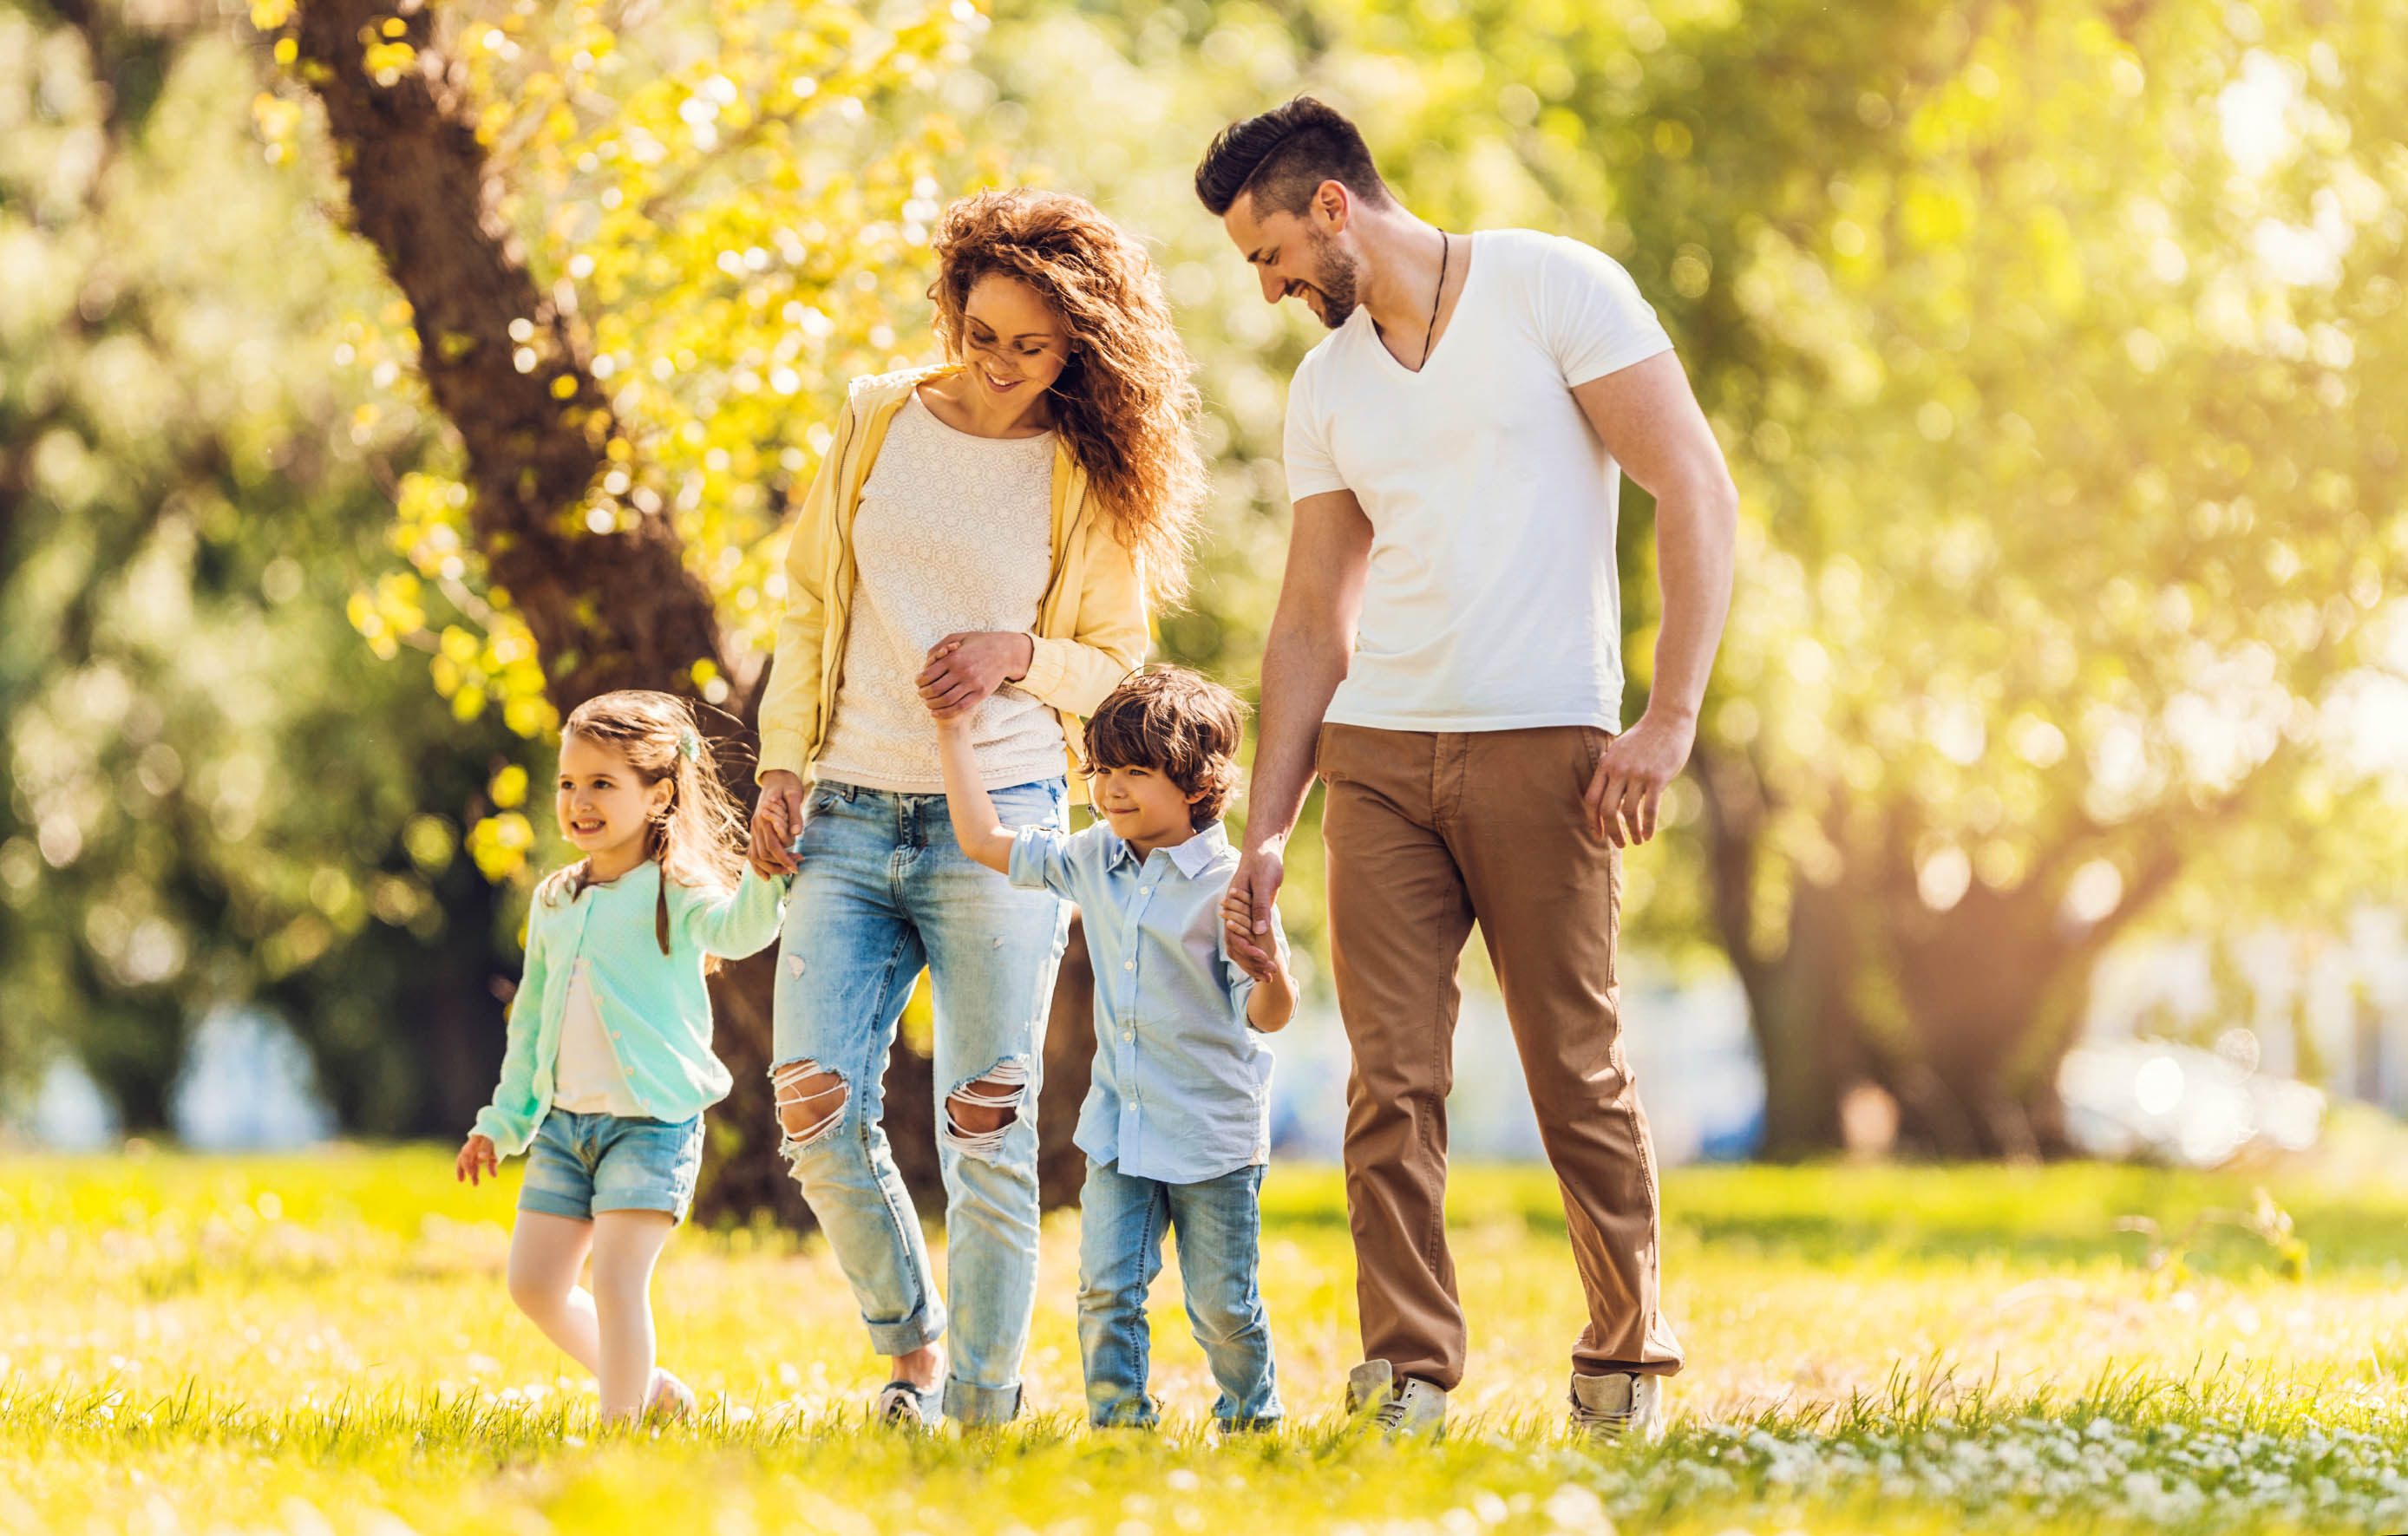 Счастливая семья картинки для детей, ком картинки фоновая